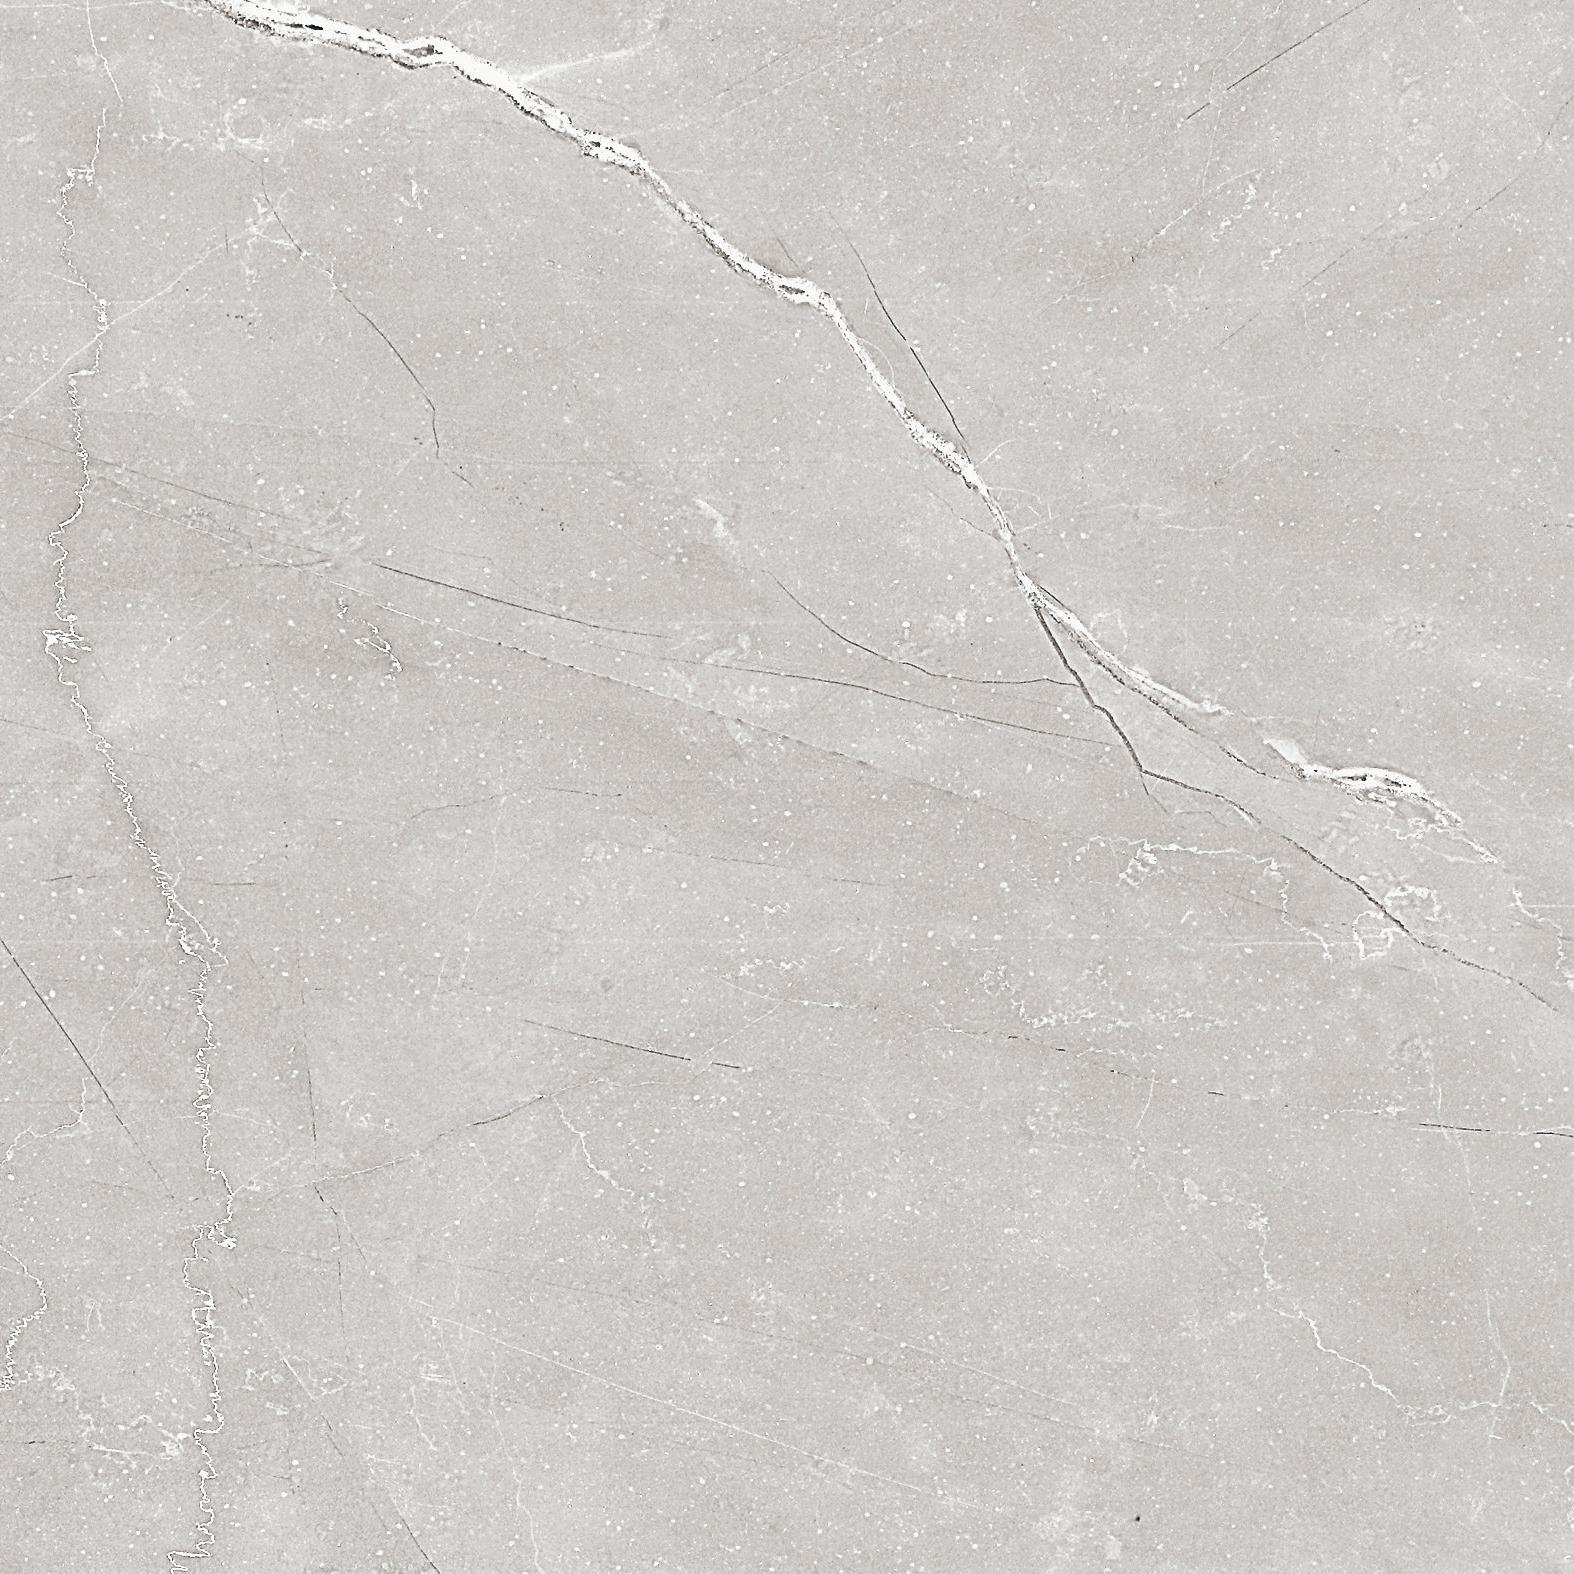 帕斯高灰 / CRS6633 / 600x600mm / 柔光大理石